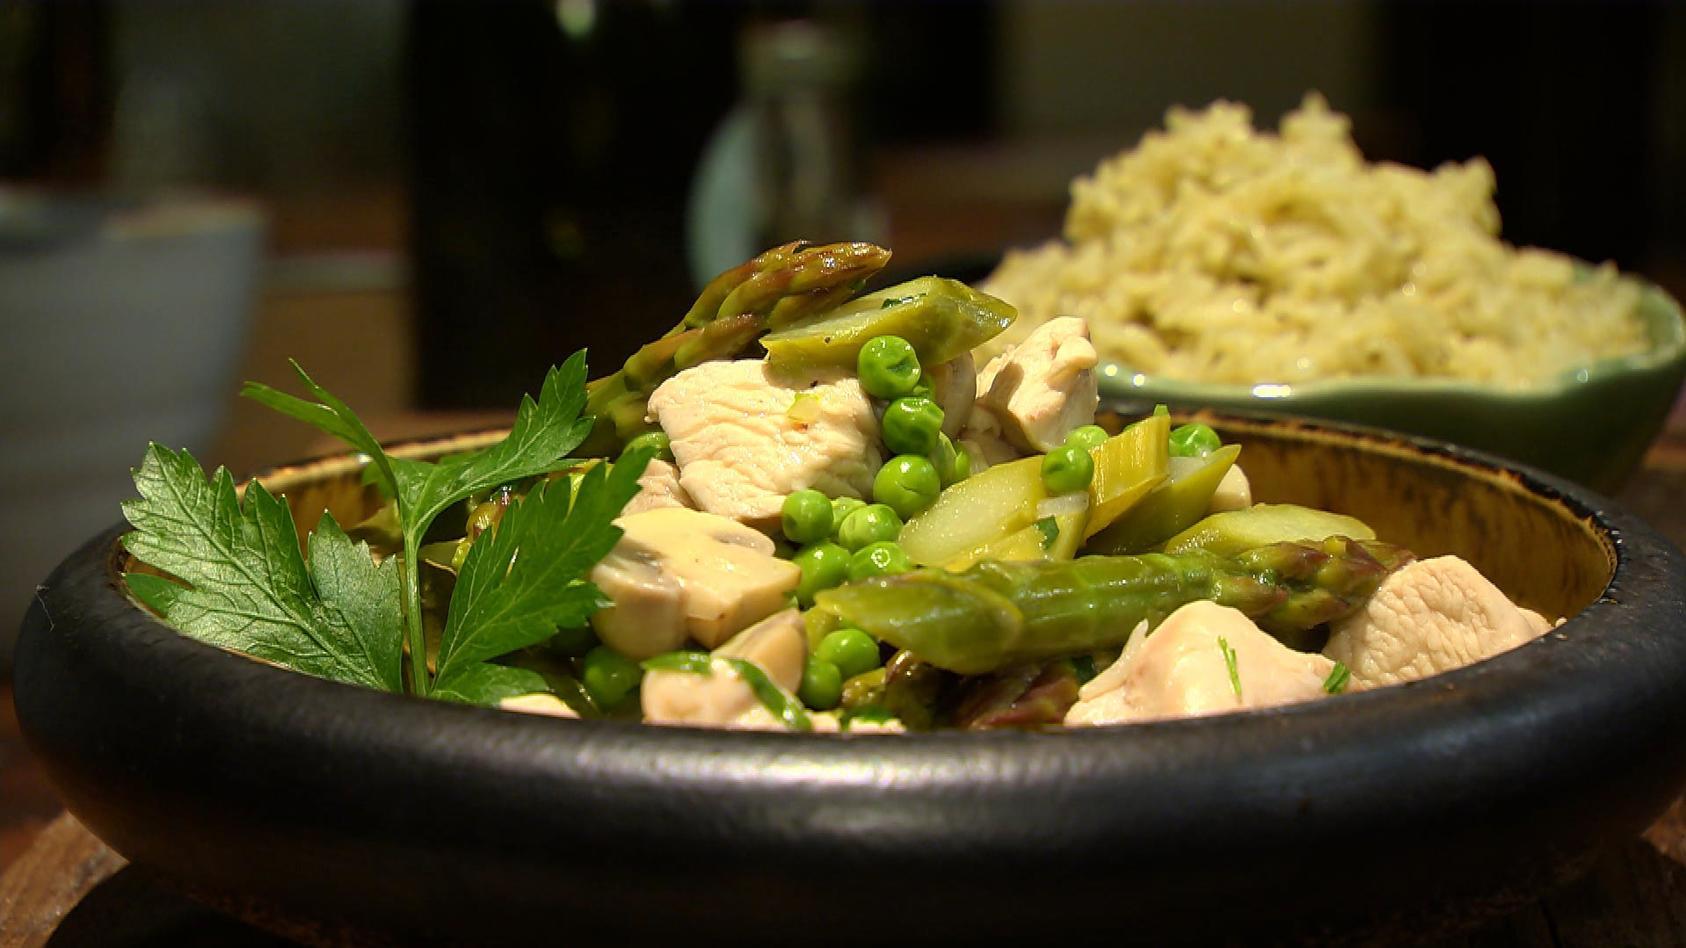 Das schmeckt allen – Kochen für die Familie: Hühnerfrikassee mit Pesto-Reis